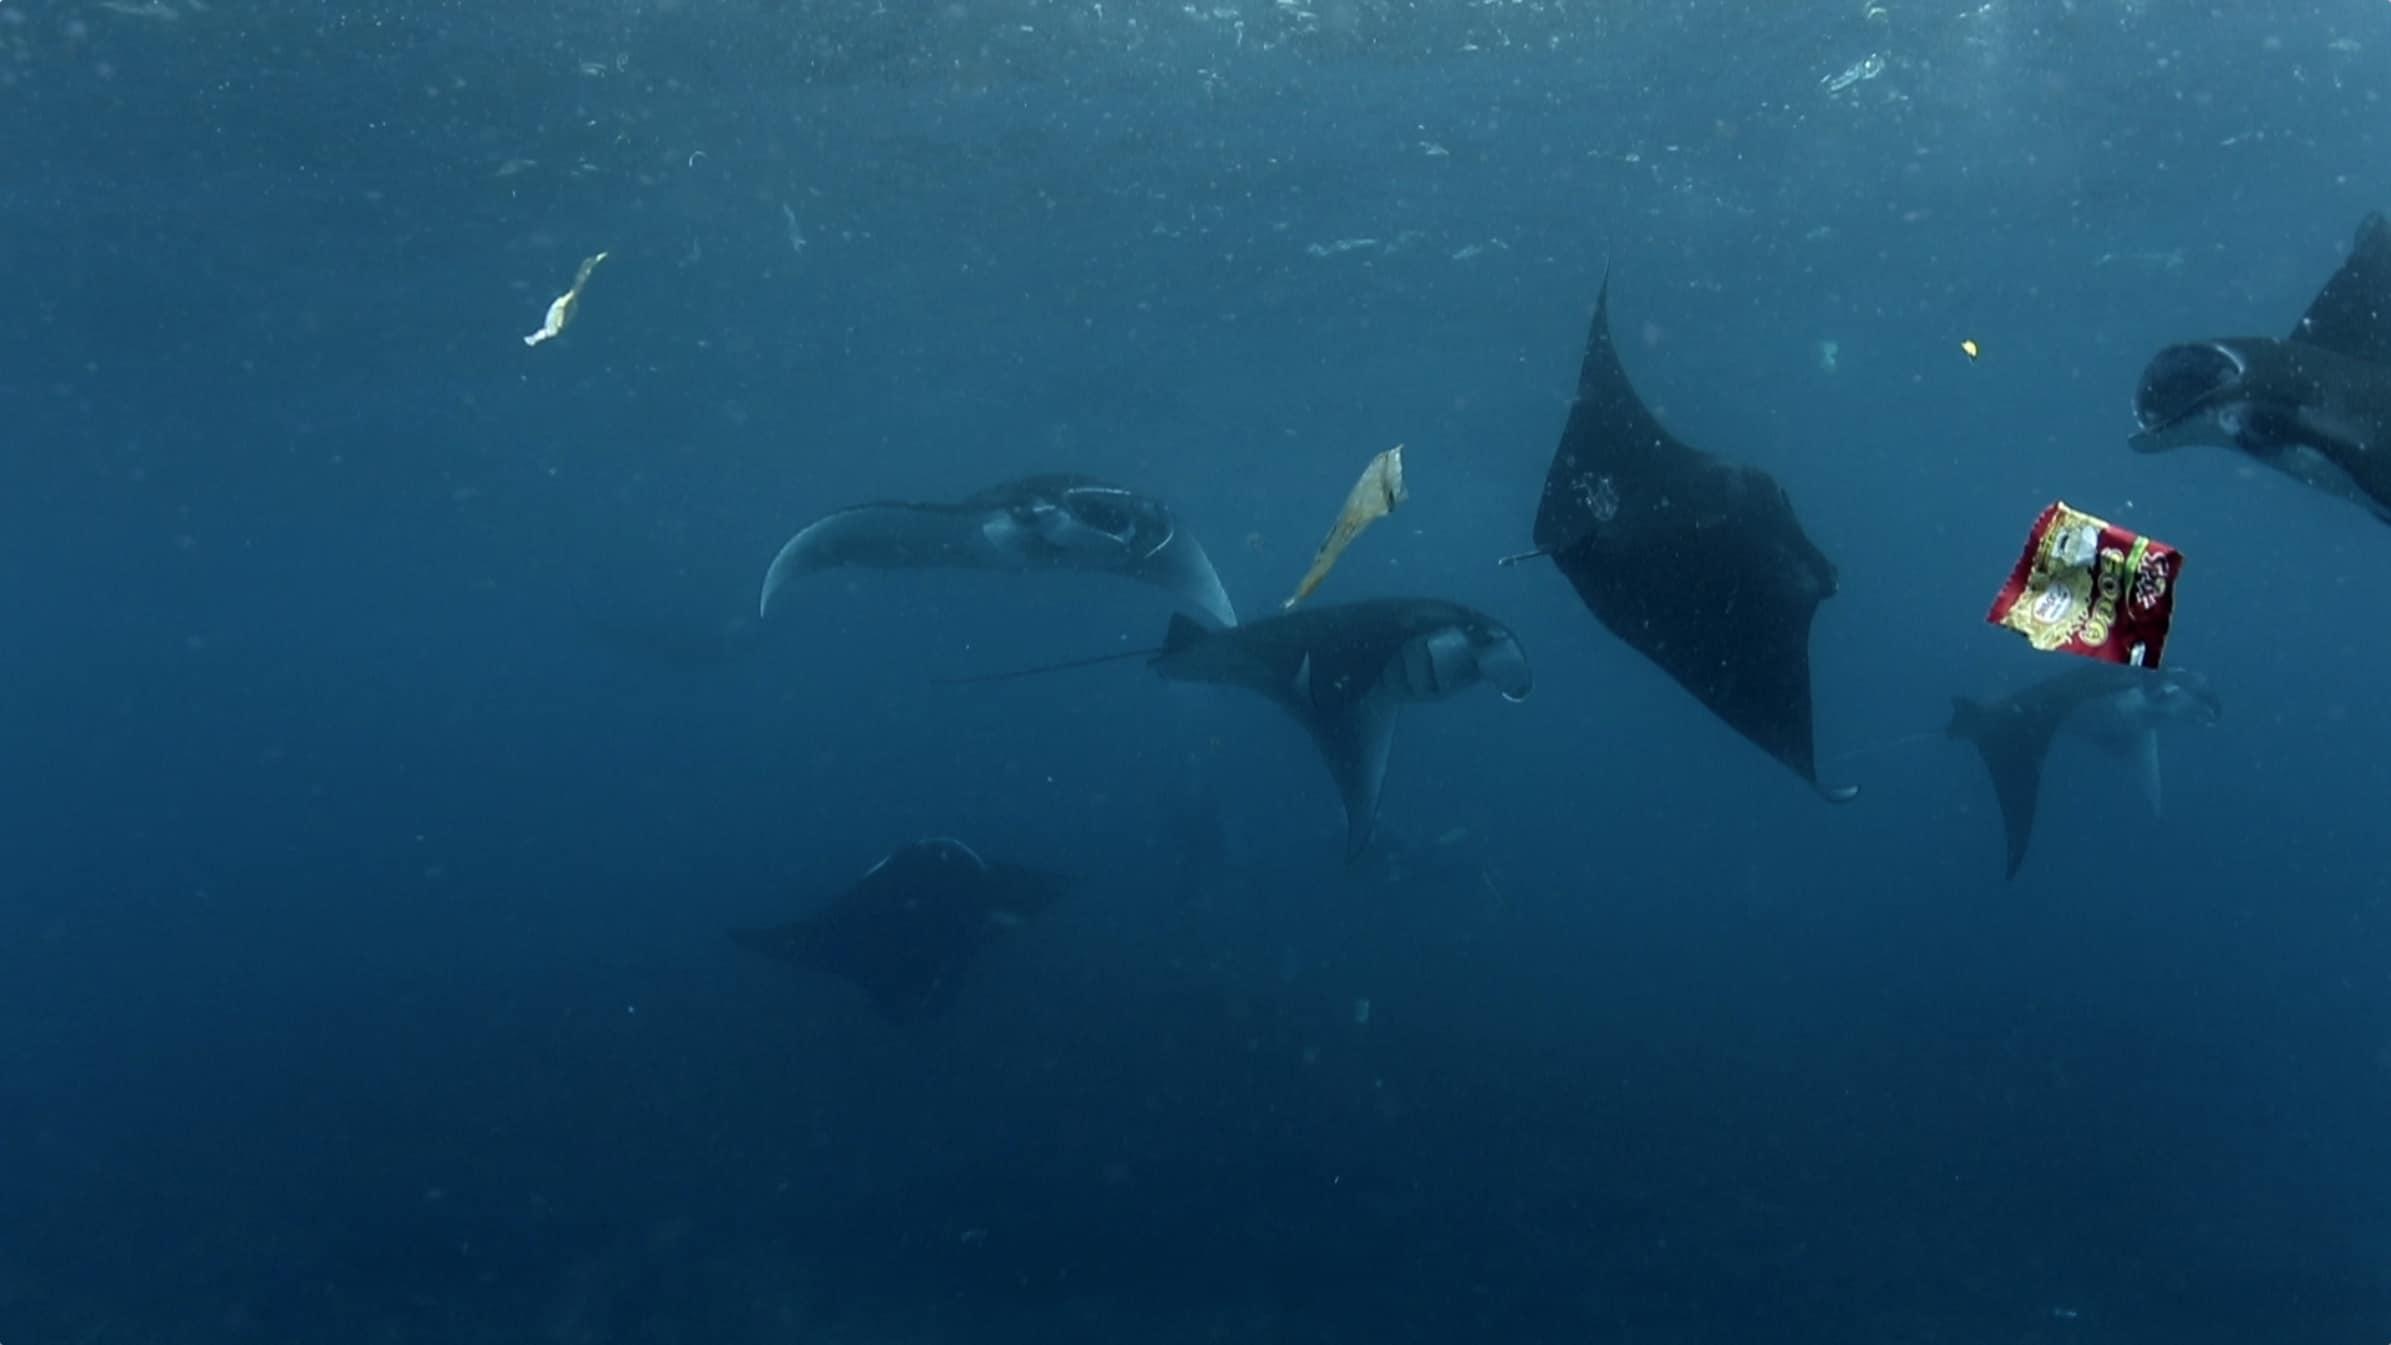 Plus De Plastique Que De Poisson En Mer, En 2050